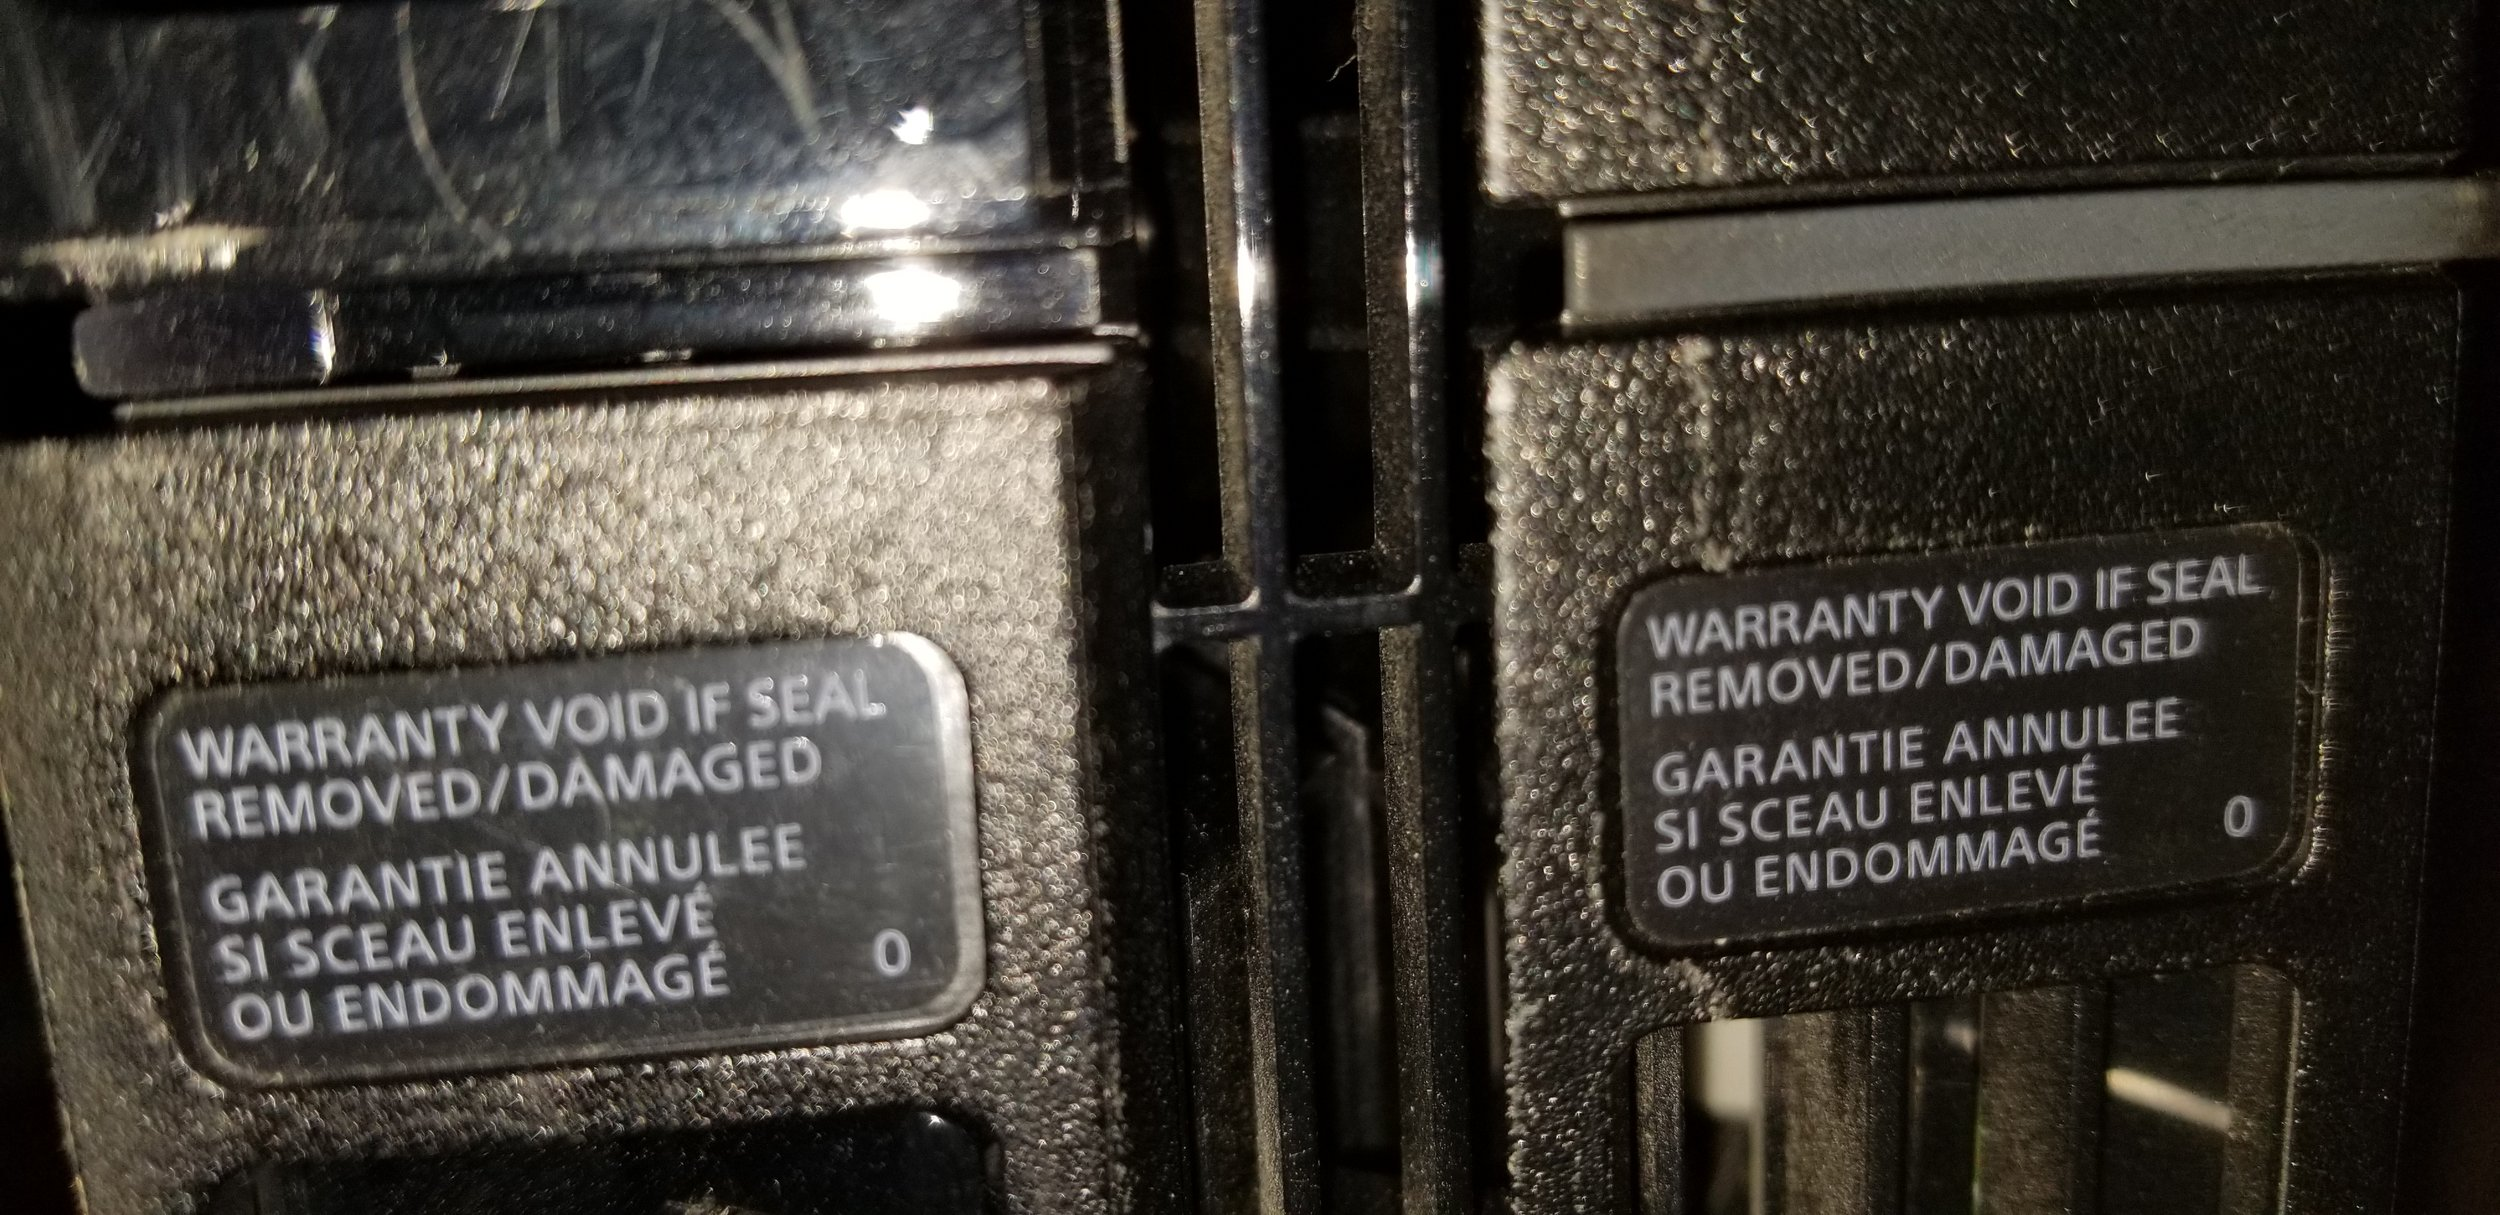 My PlayStation® 4 warranty stickers